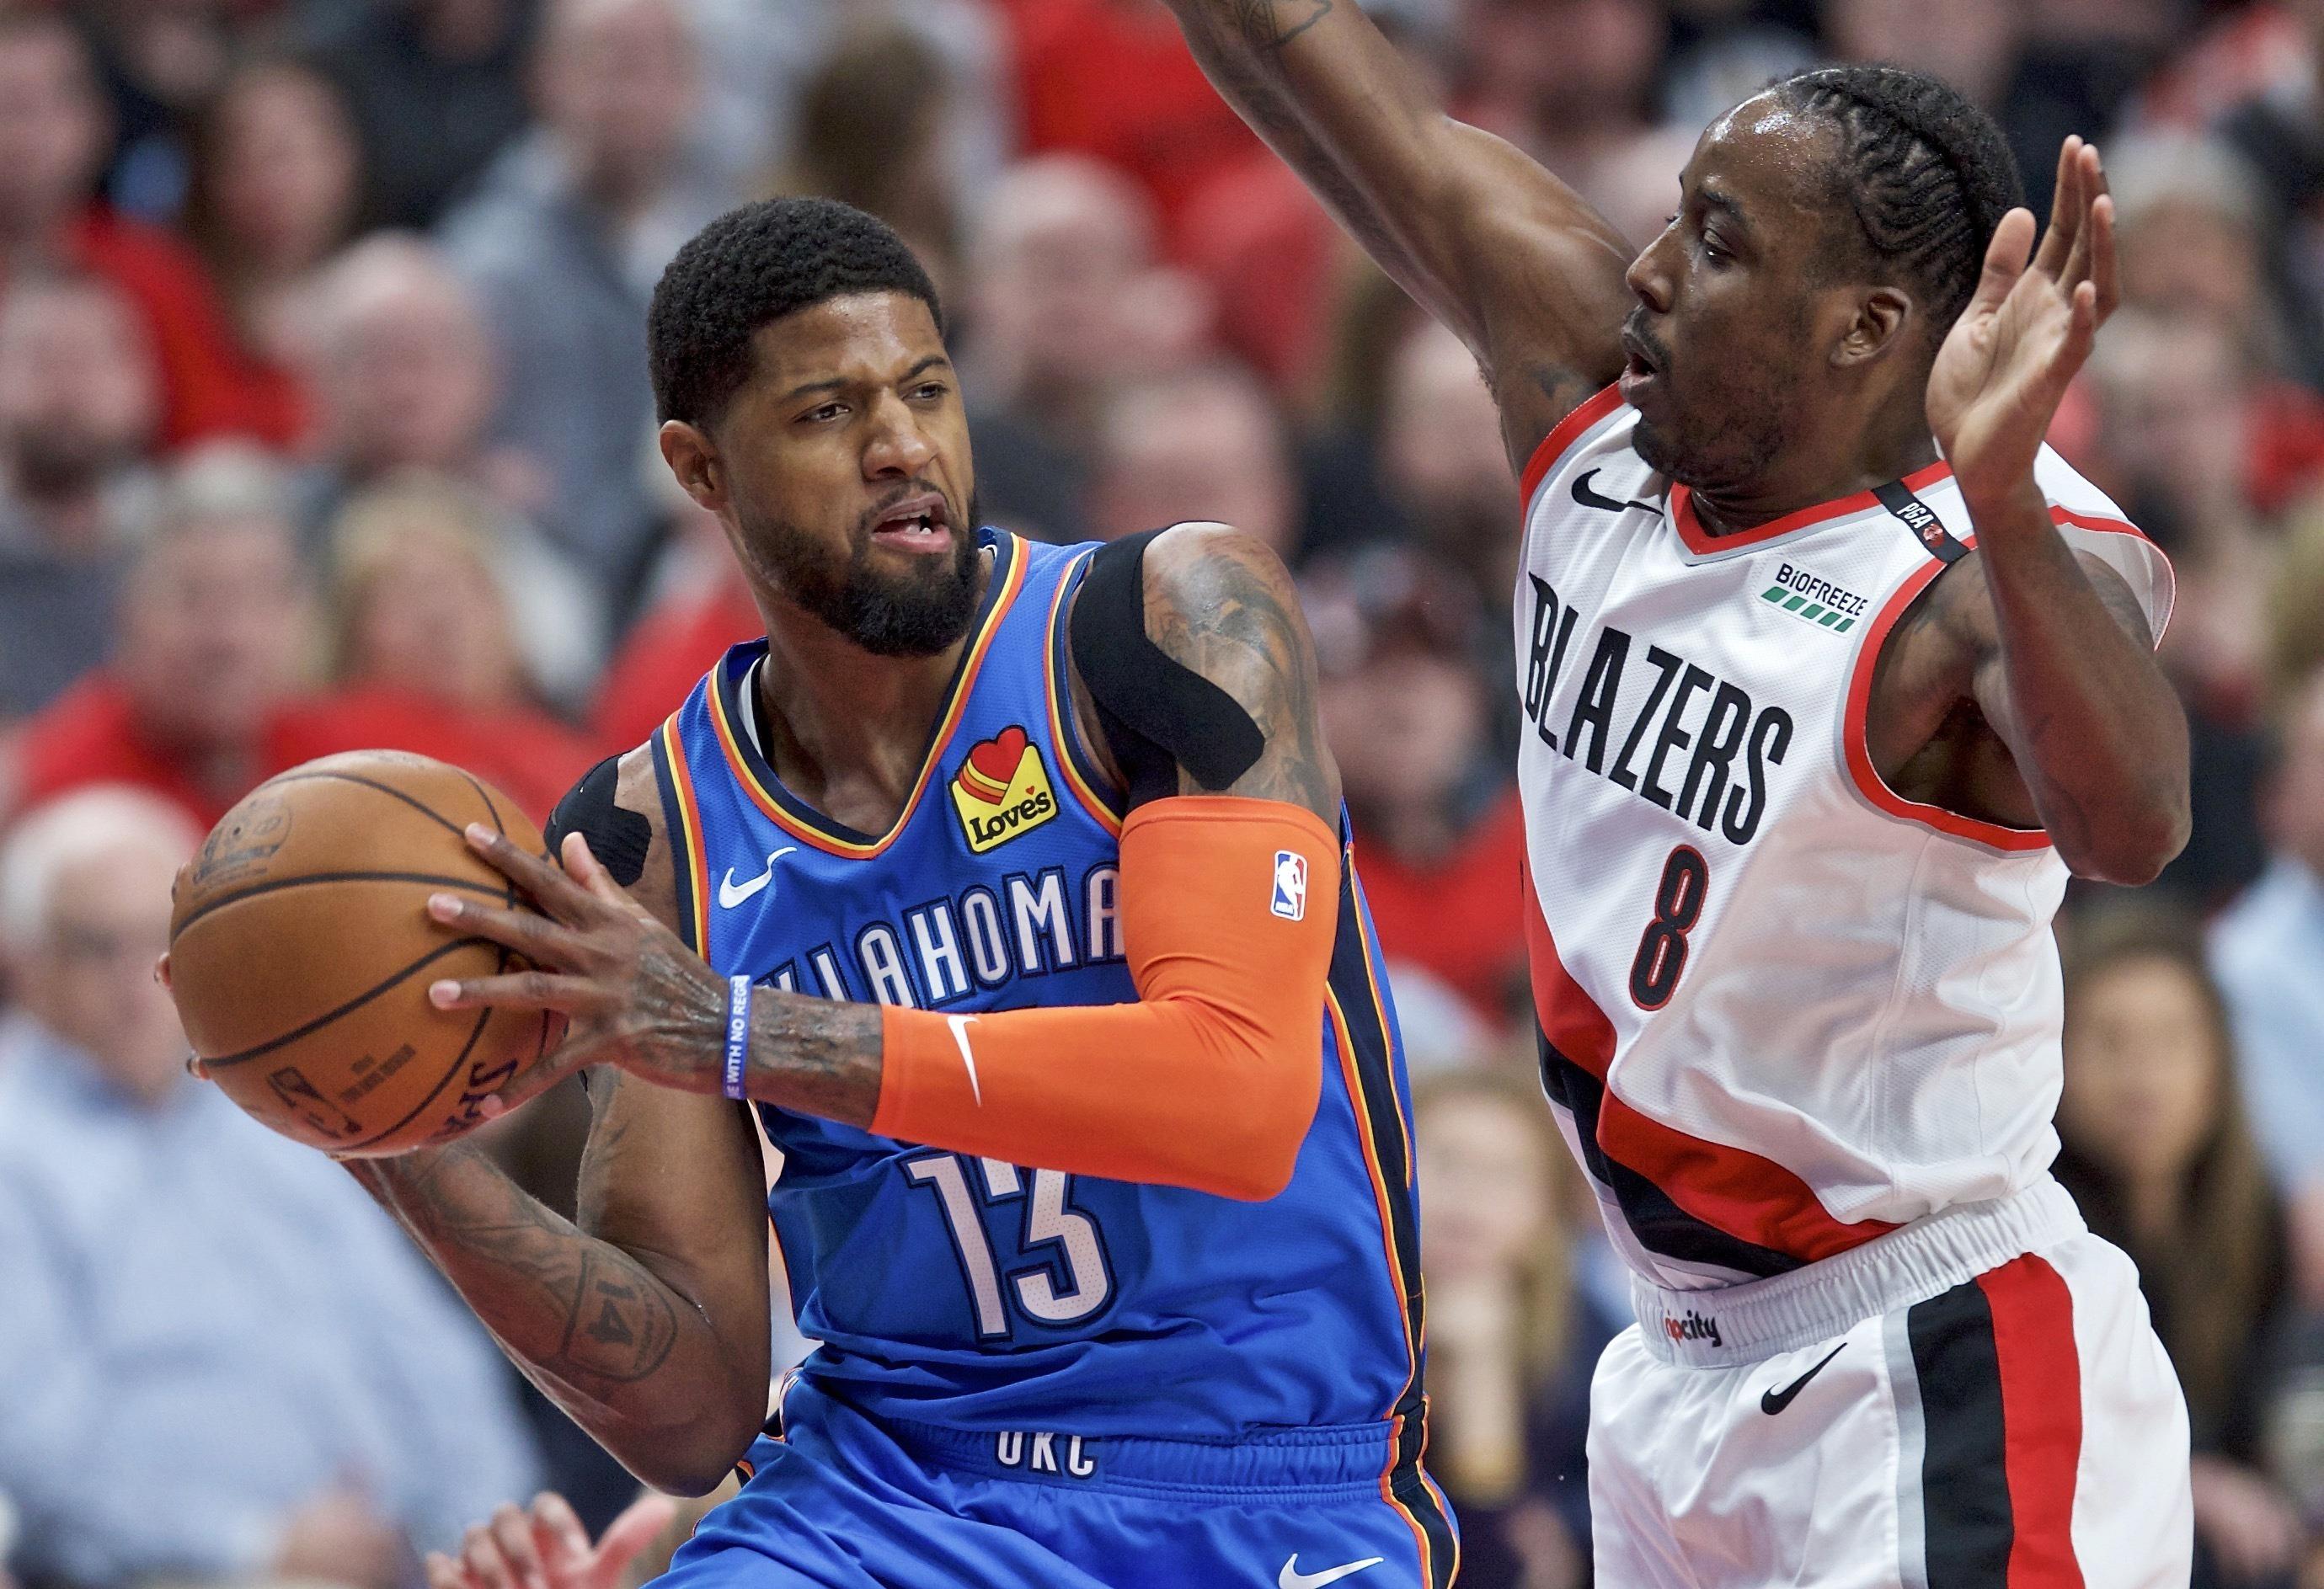 Análisis: Es un nuevo día en la NBA, una era de paridad